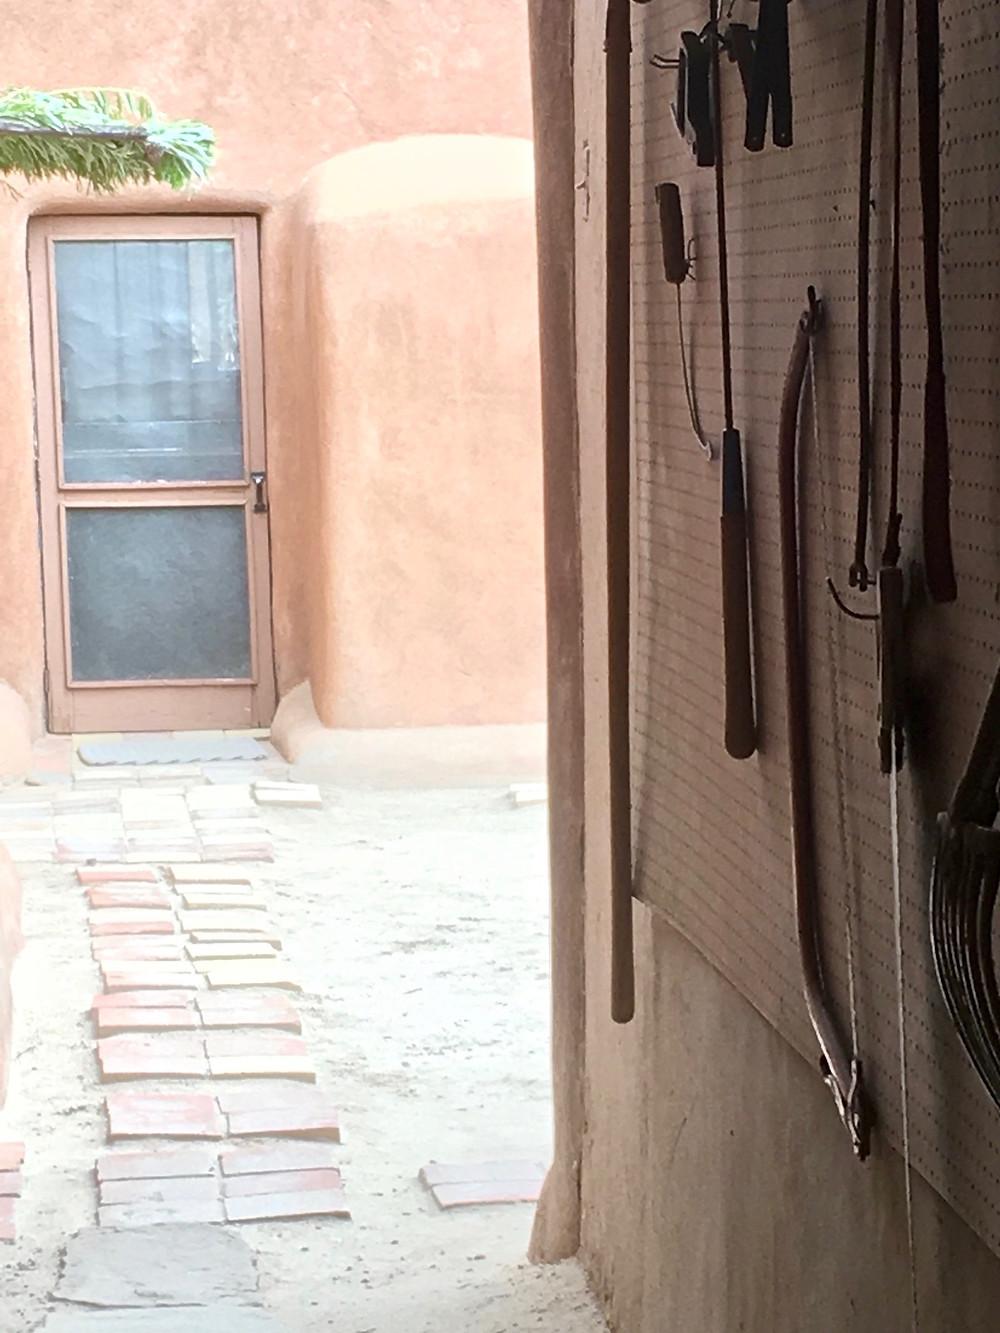 Georgia O'Keeffe Home and Studio in Abiquiu, NM